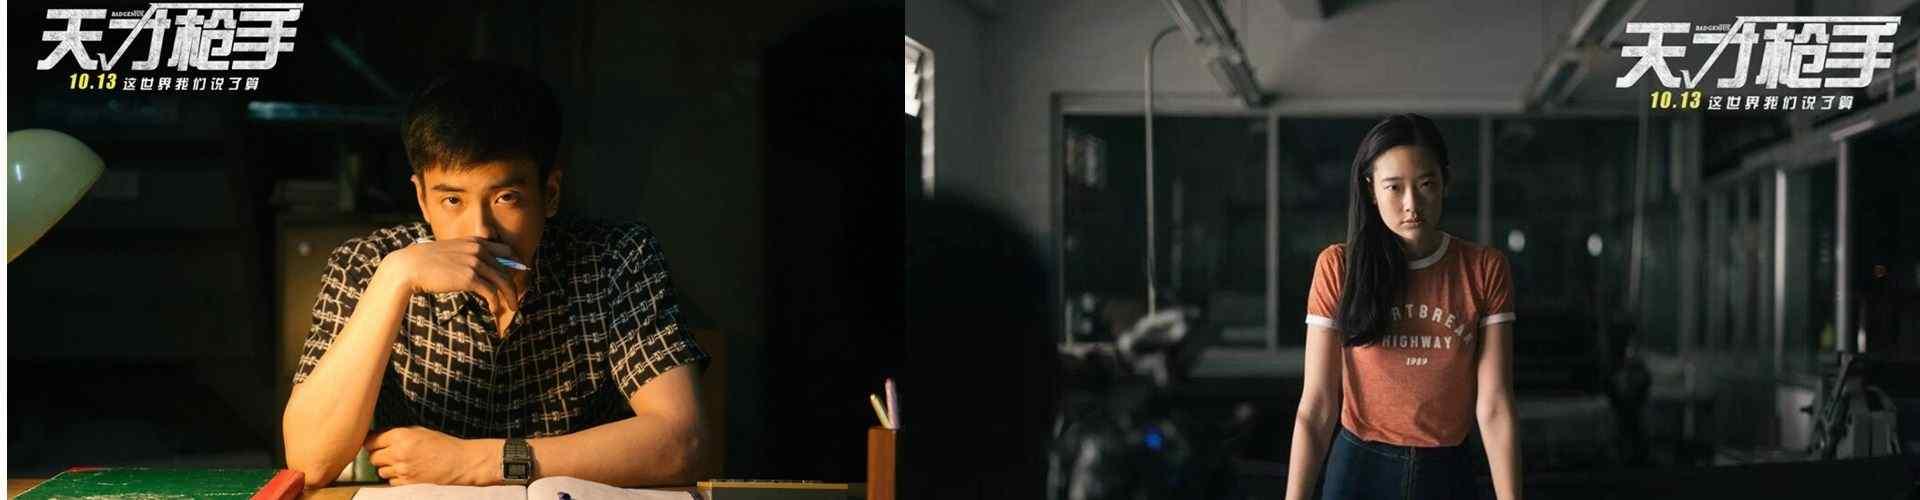 天才枪手_电影天才枪手海报壁纸_泰国天才枪手剧照壁纸_影视壁纸